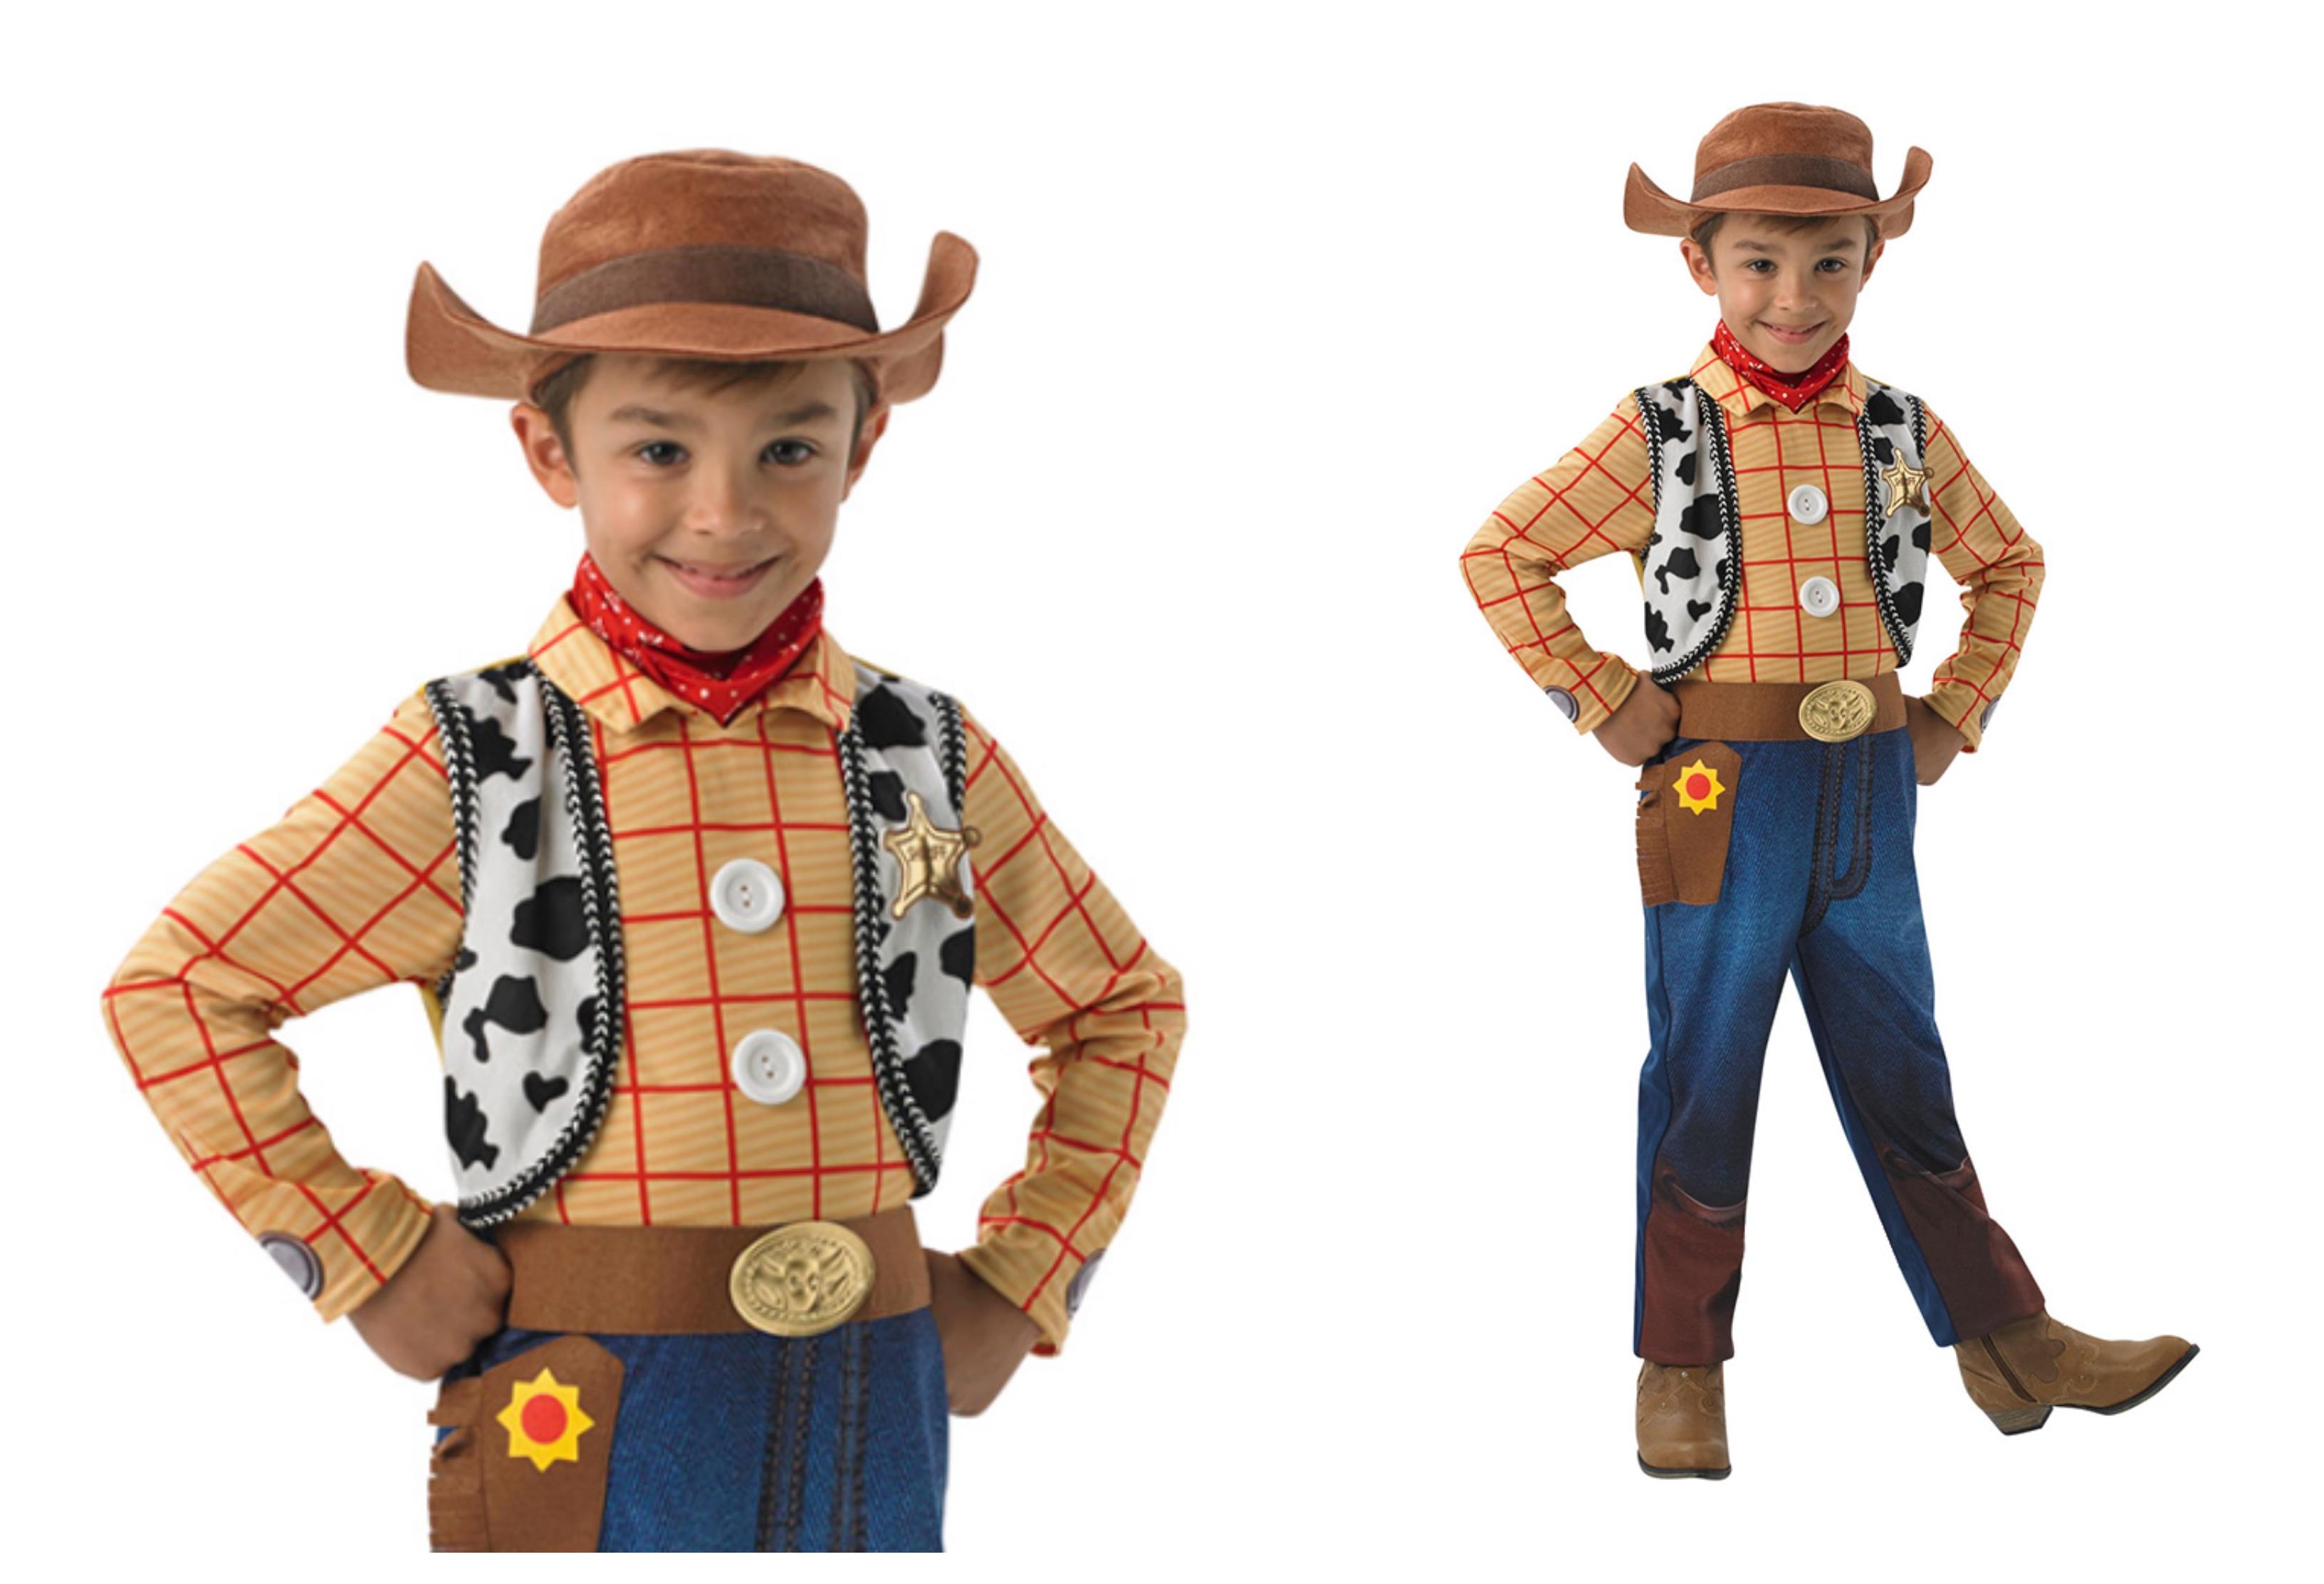 WOODY DELUXE BØRNEKOSTUME - Toy Story børnekostumer